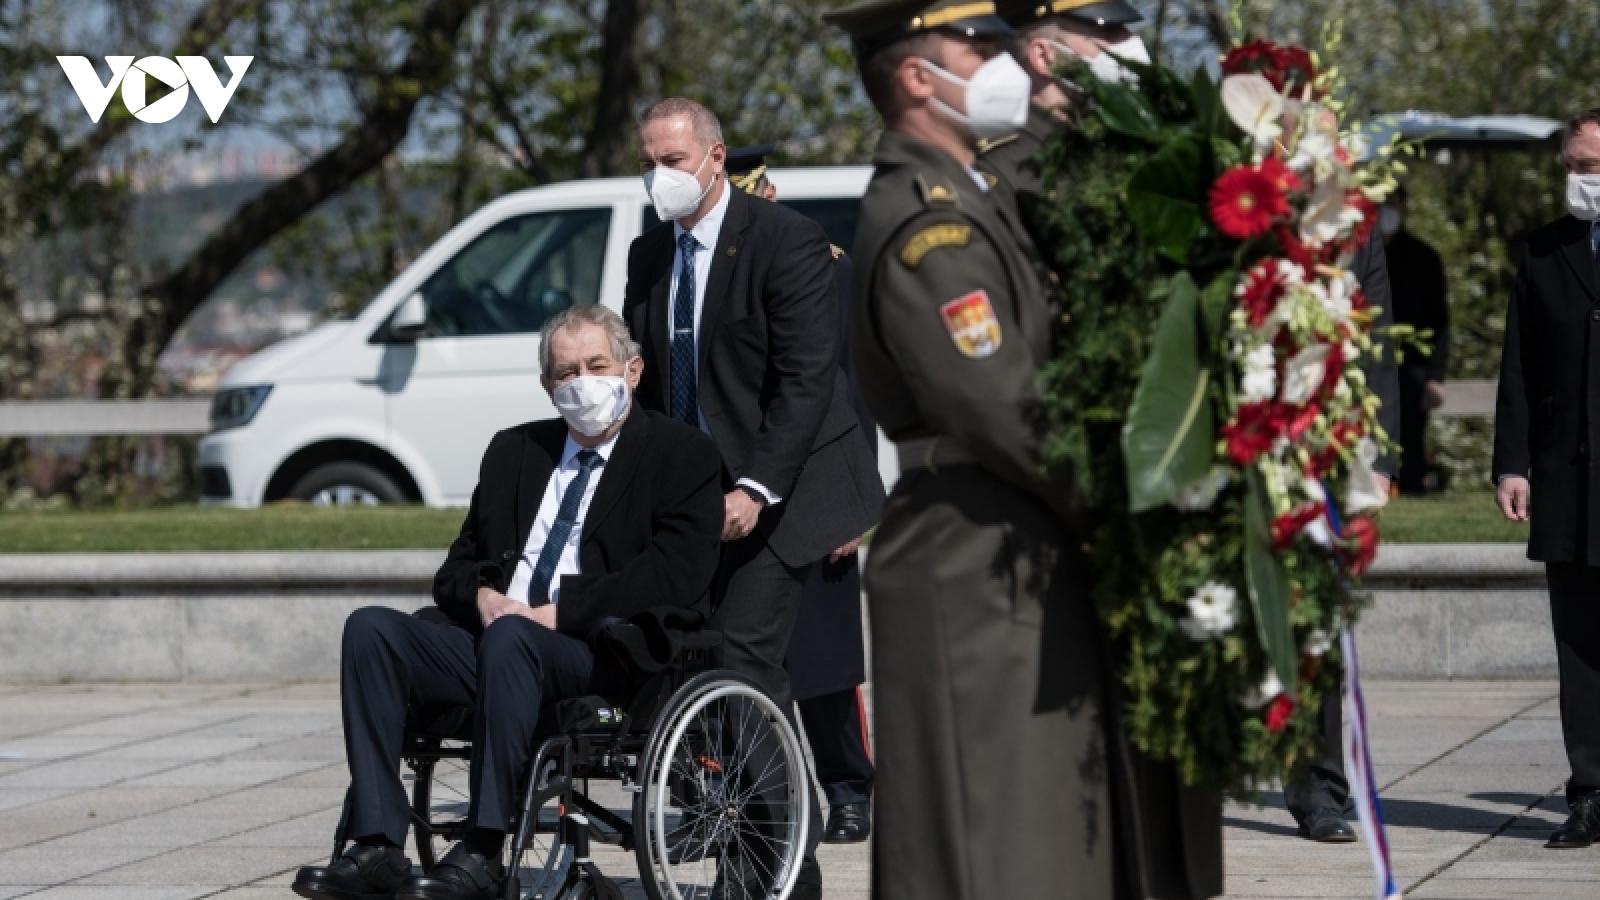 Séc sẽ thay thổi một số nghi thức trong ngàyQuốc khánh do sức khỏe của Tổng thống